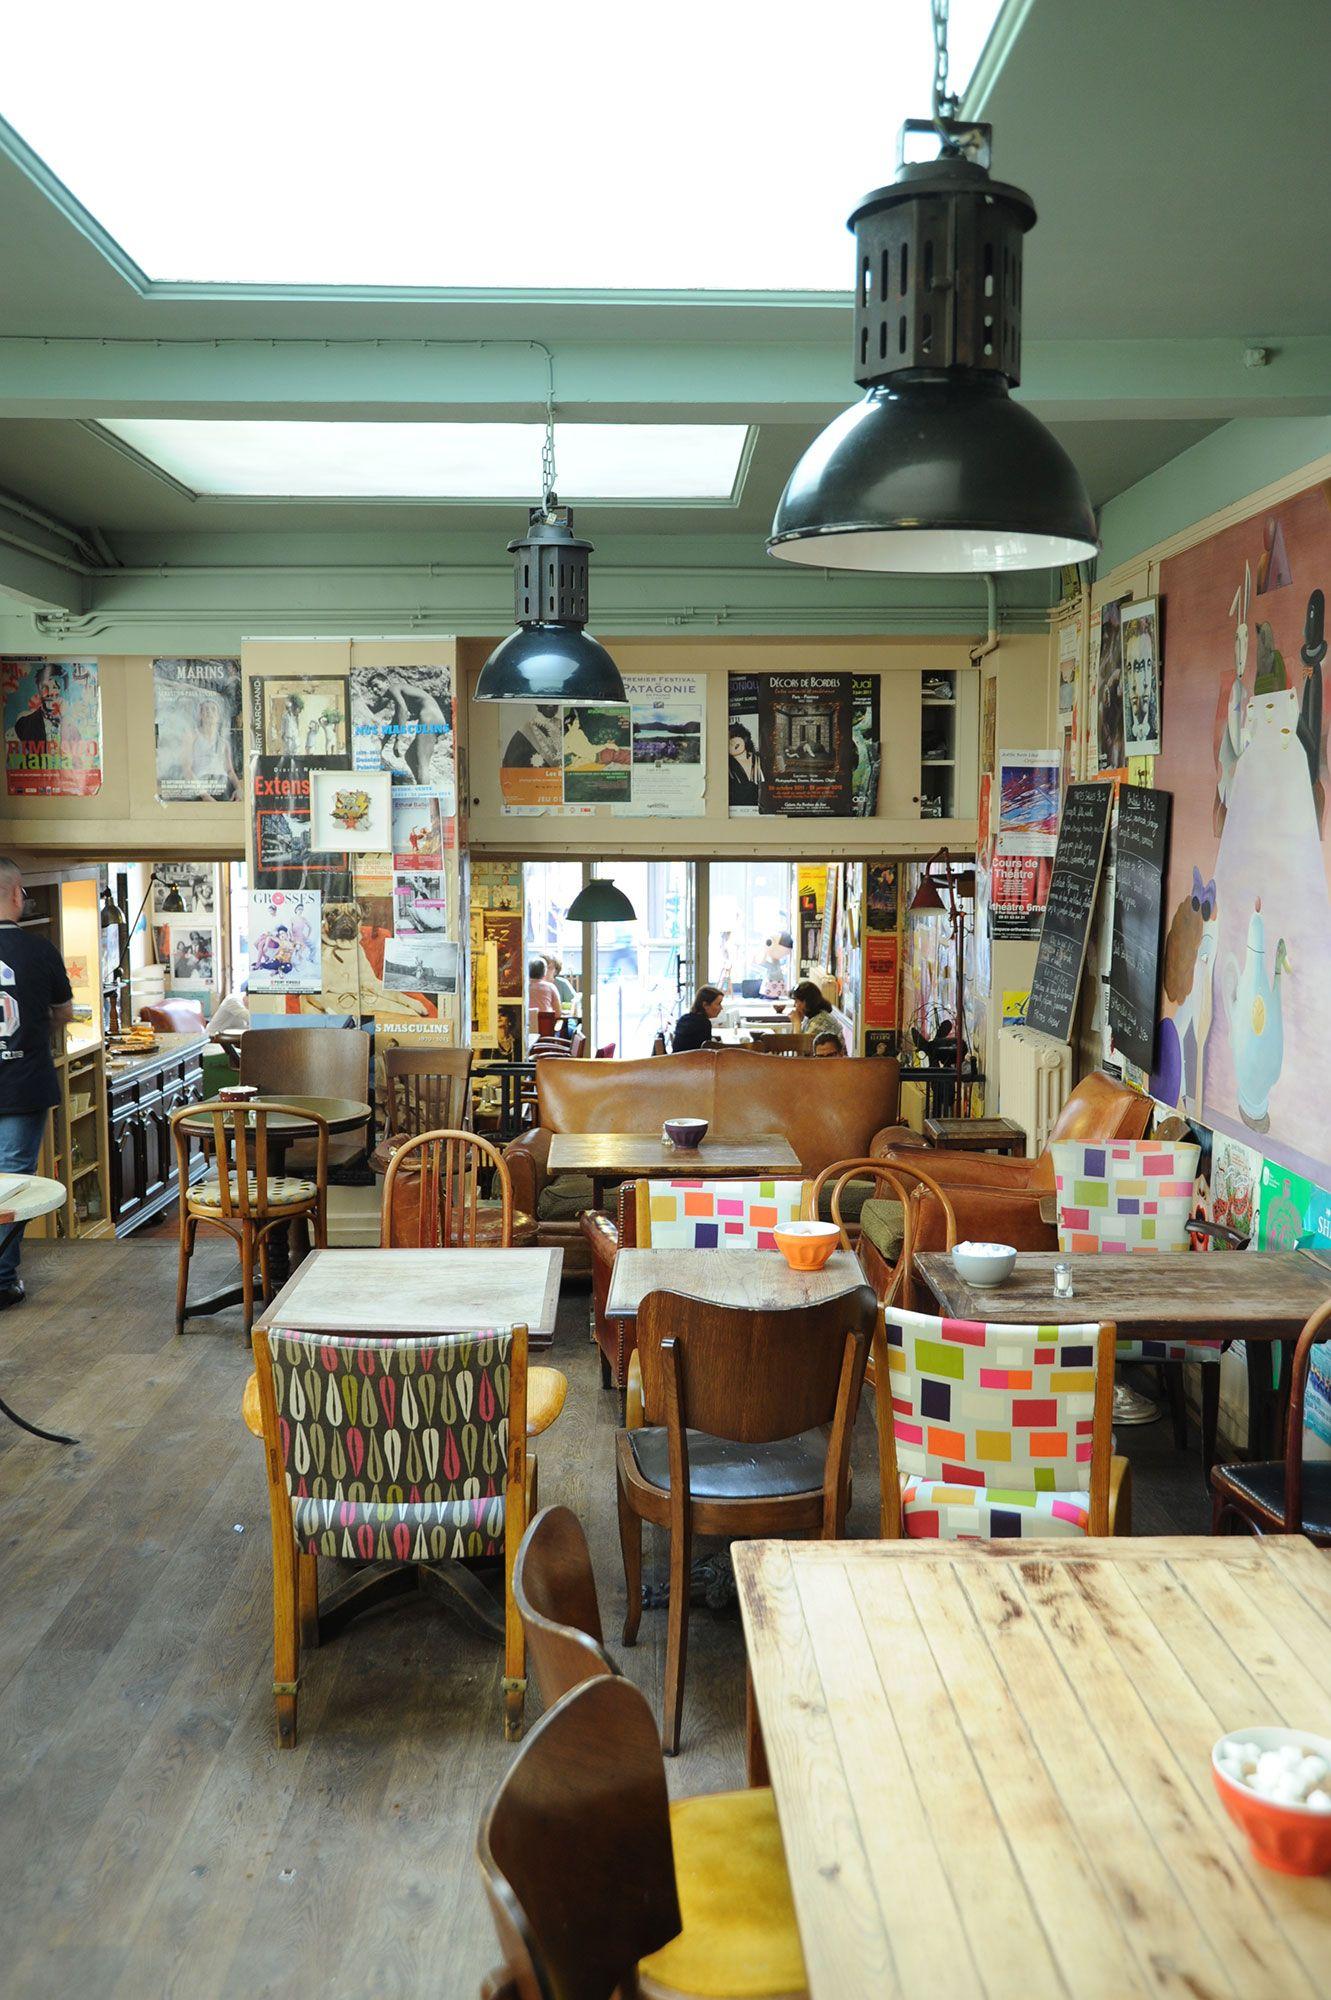 Le Loir Dans La Theiere Salon De The Resto 75003 Paris Salon De The Design De Magasin De Cafe Decoration Interieure